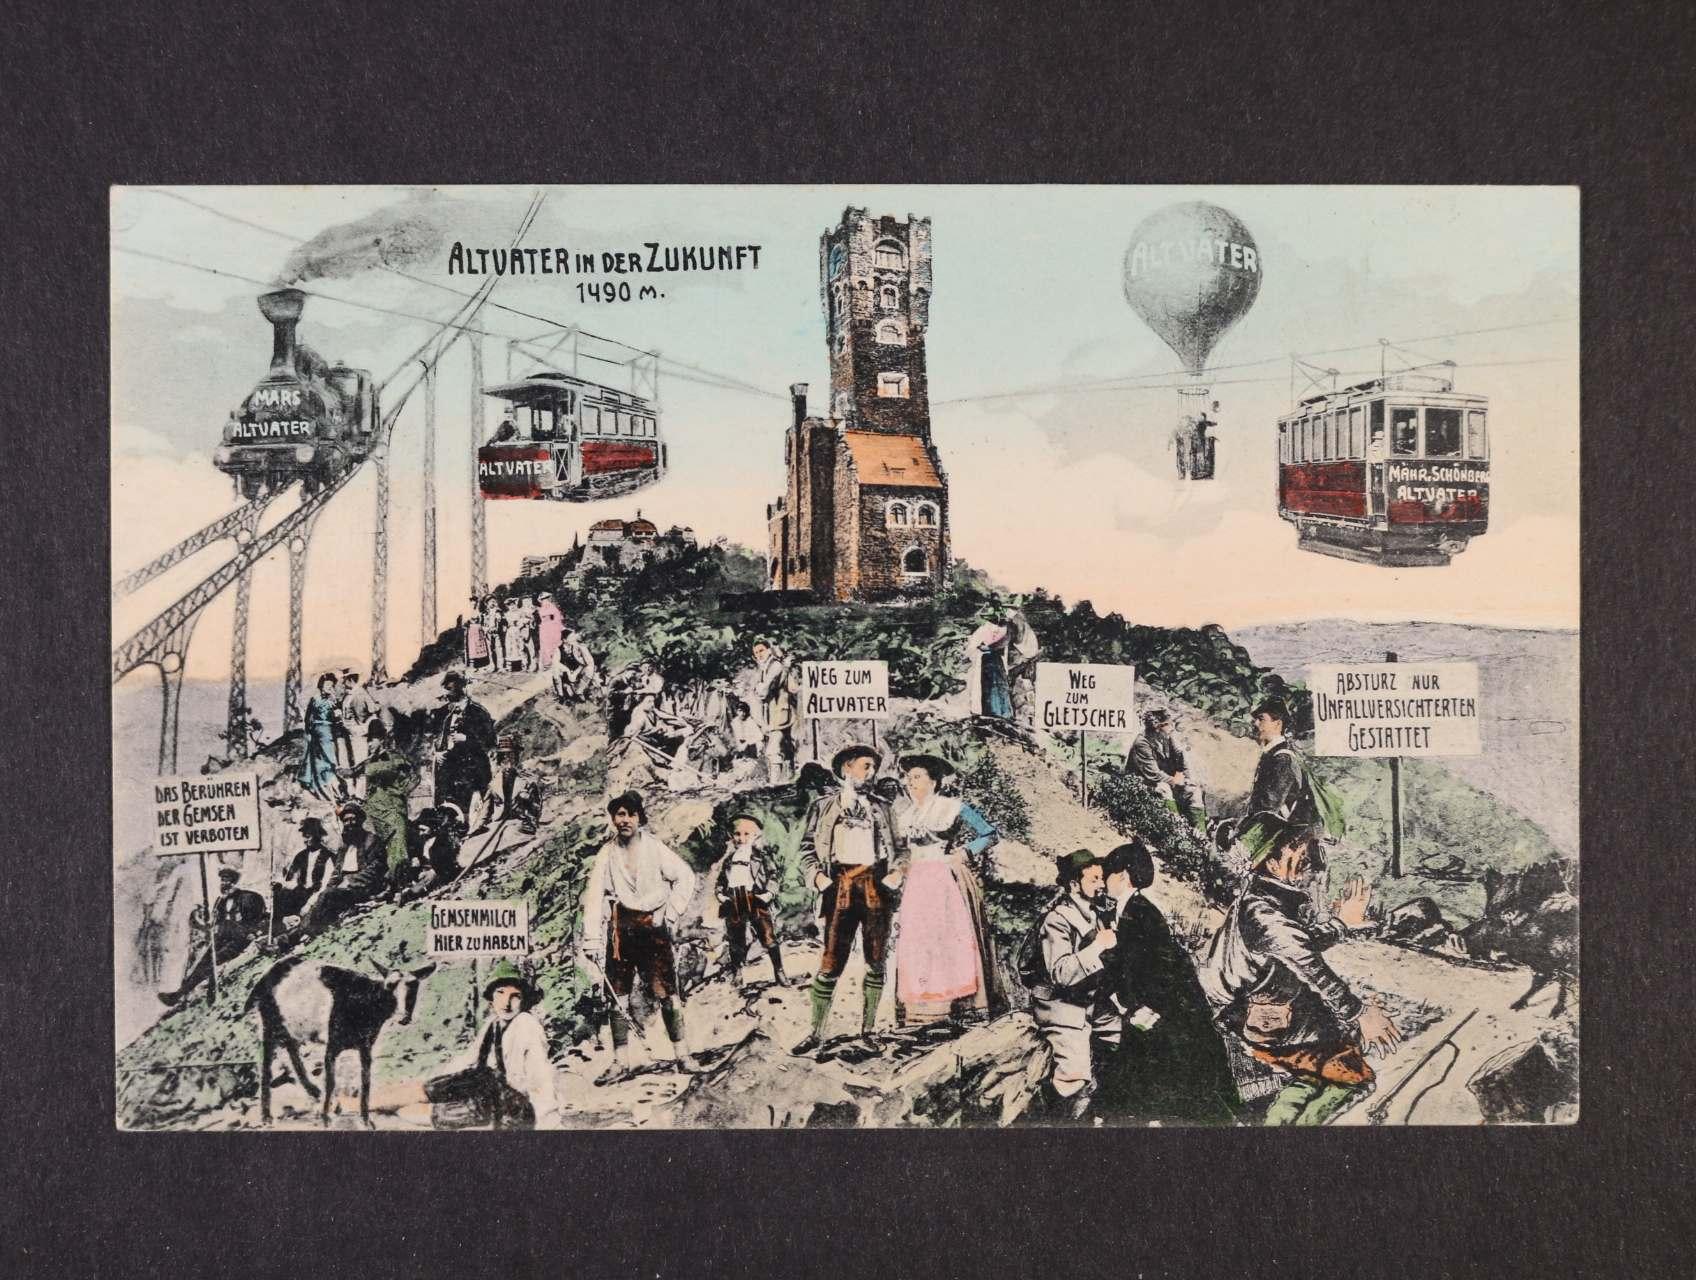 Praděd - Altvater in Zukunft - bar. litografie, nepoužitá, dobrá kvalita